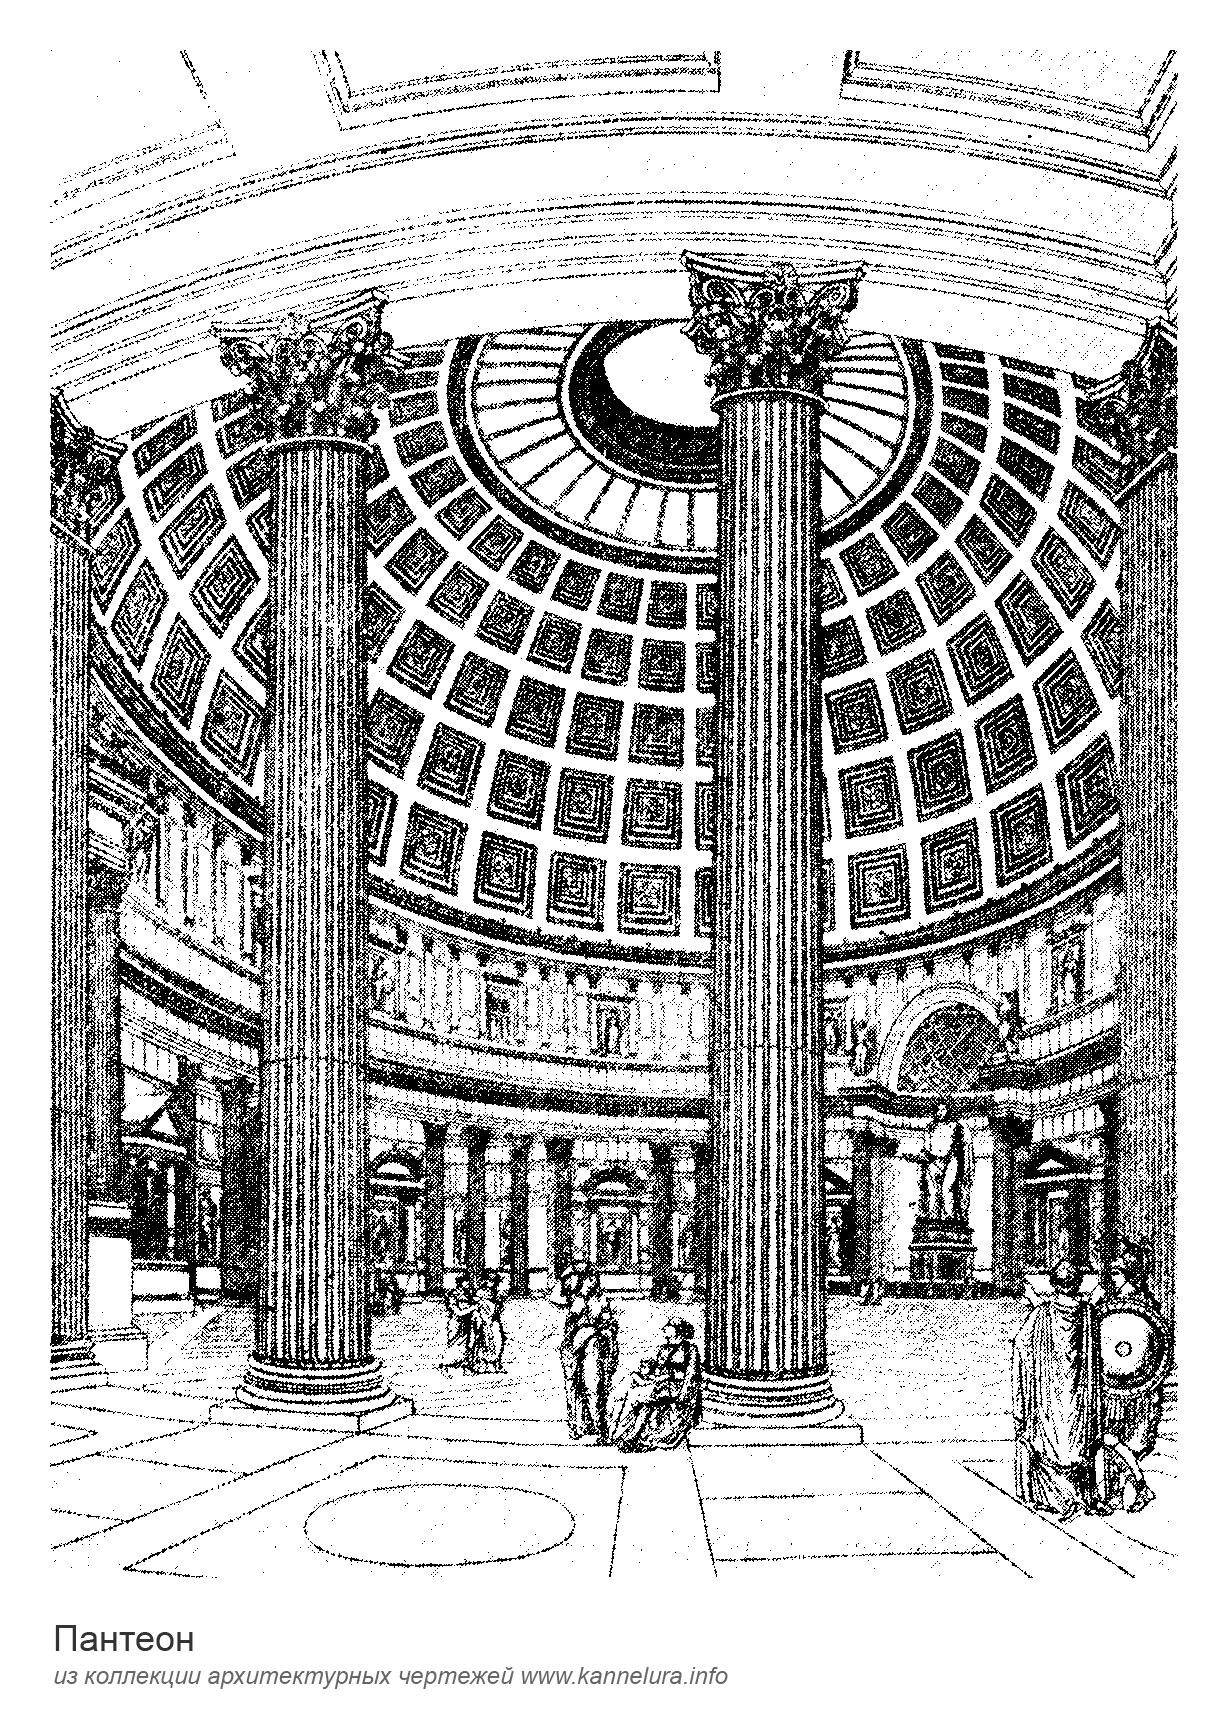 Пантеон в риме: описание, интересные факты, схема, фото